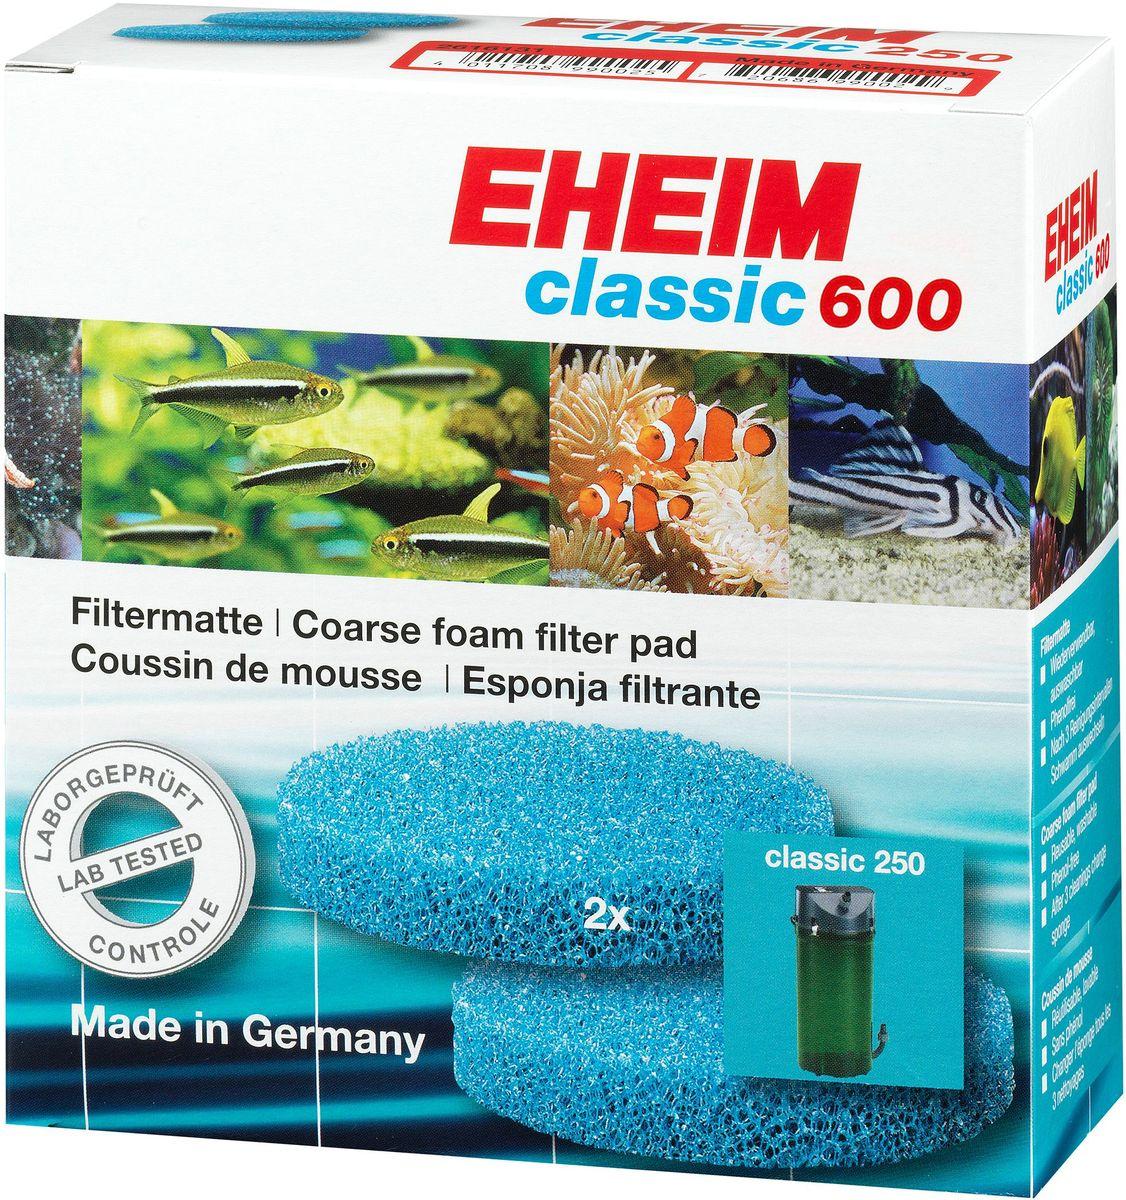 Наполнитель для фильтра Eheim Classic 600, поролон, 2 штг-1001Грубая пористая губка для фильтров Eheim Classic 600 обеспечивает механическую и биологическую очистку воды.